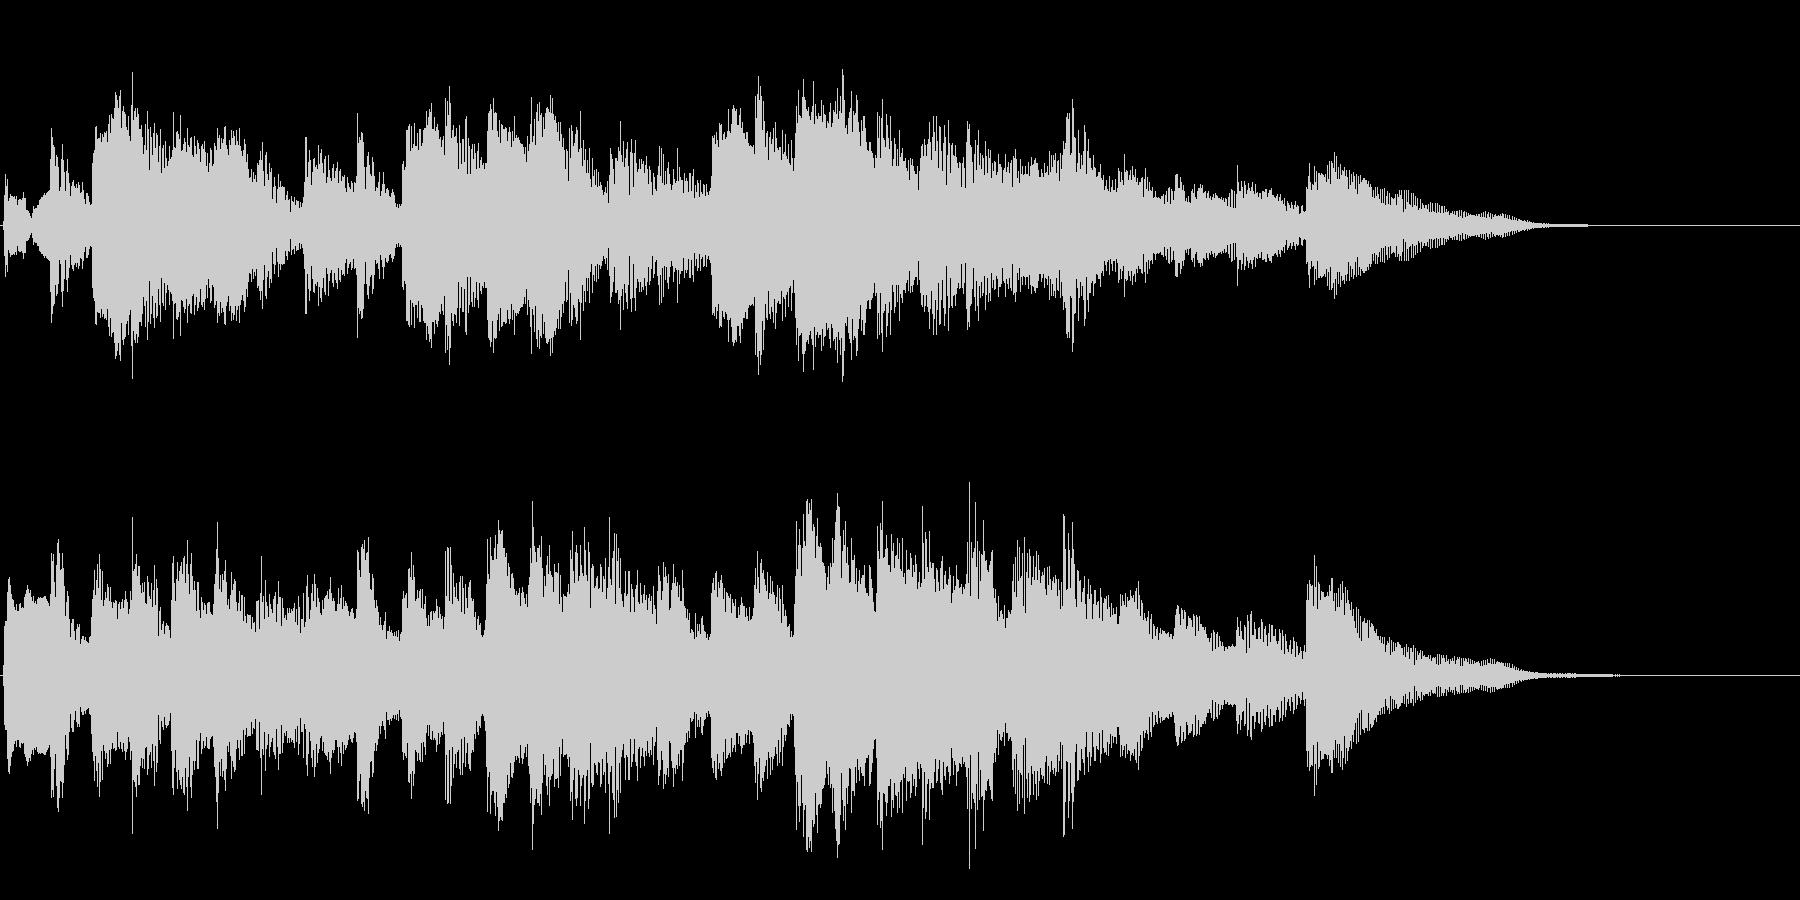 エチュードのような優しいピアノソロ12秒の未再生の波形